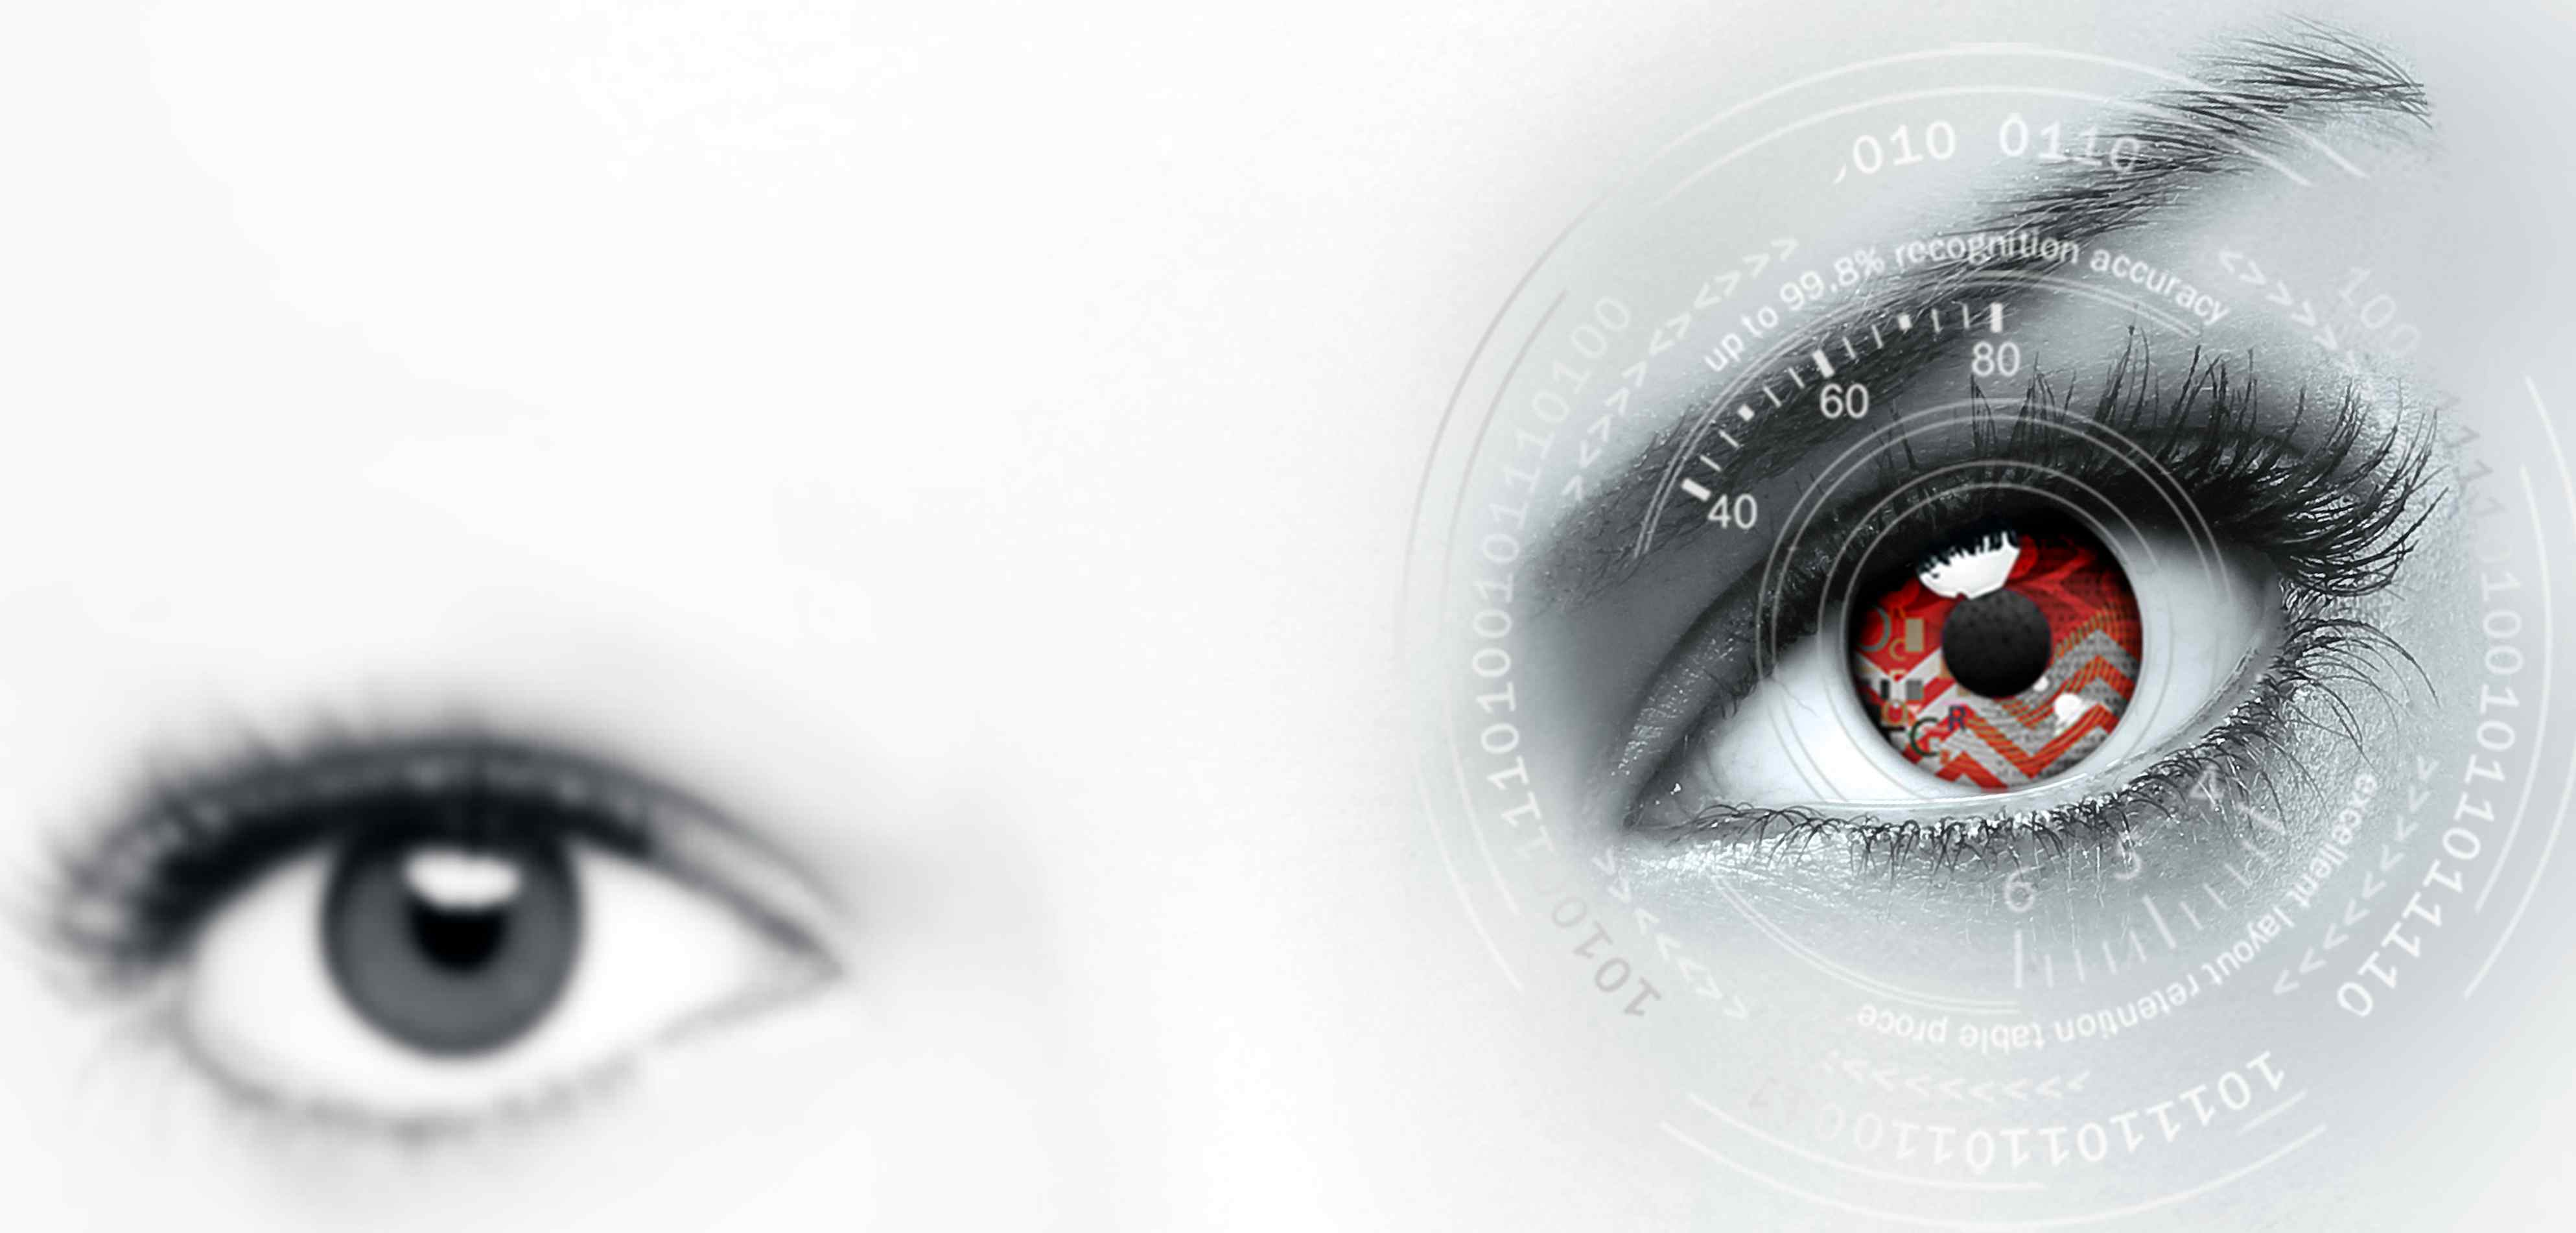 SÚŤAŽ: ABBYY FineReader Online premení obrázky na text | TOUCHIT